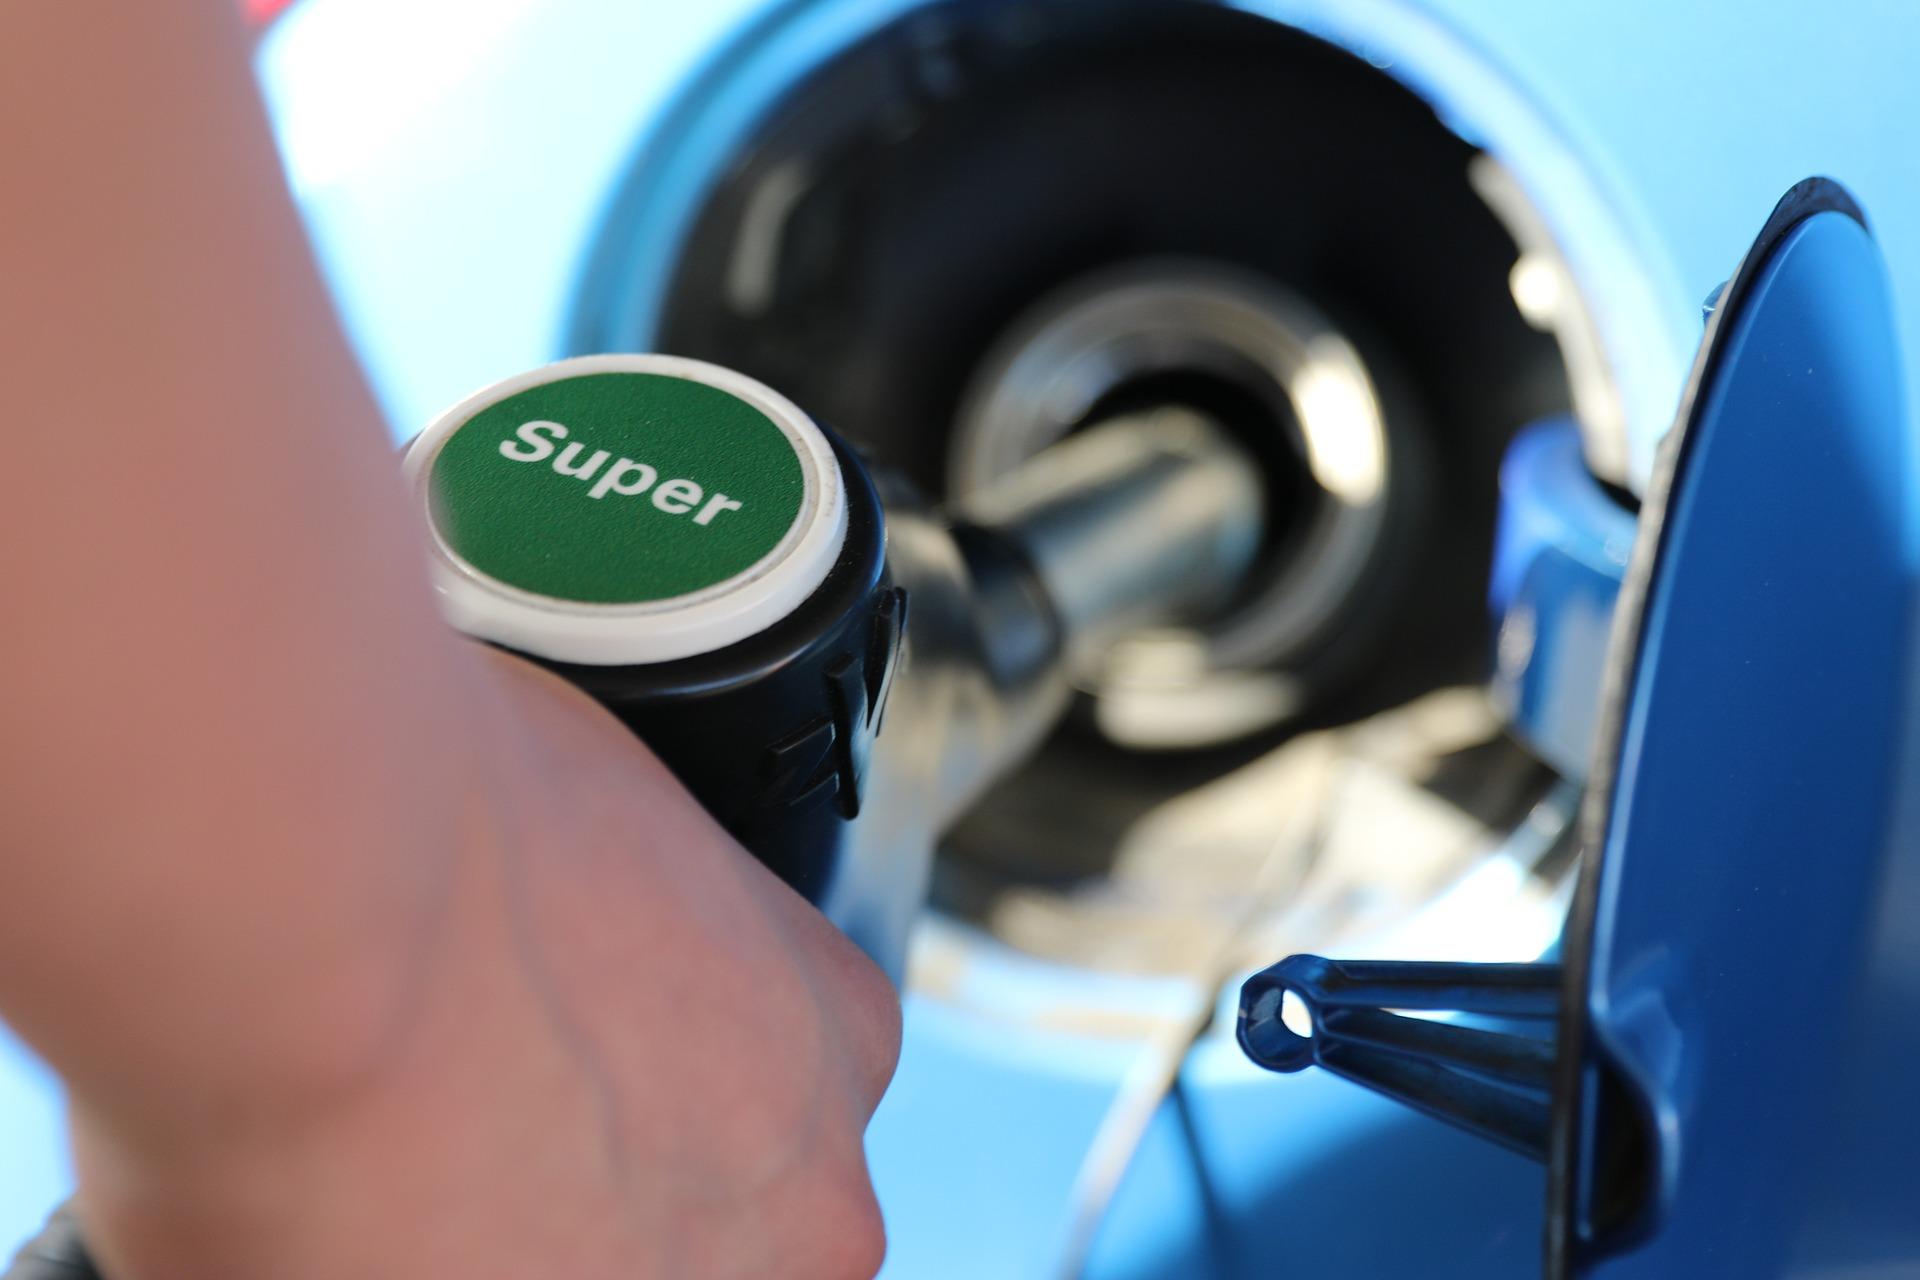 Benzin oder Diesel?